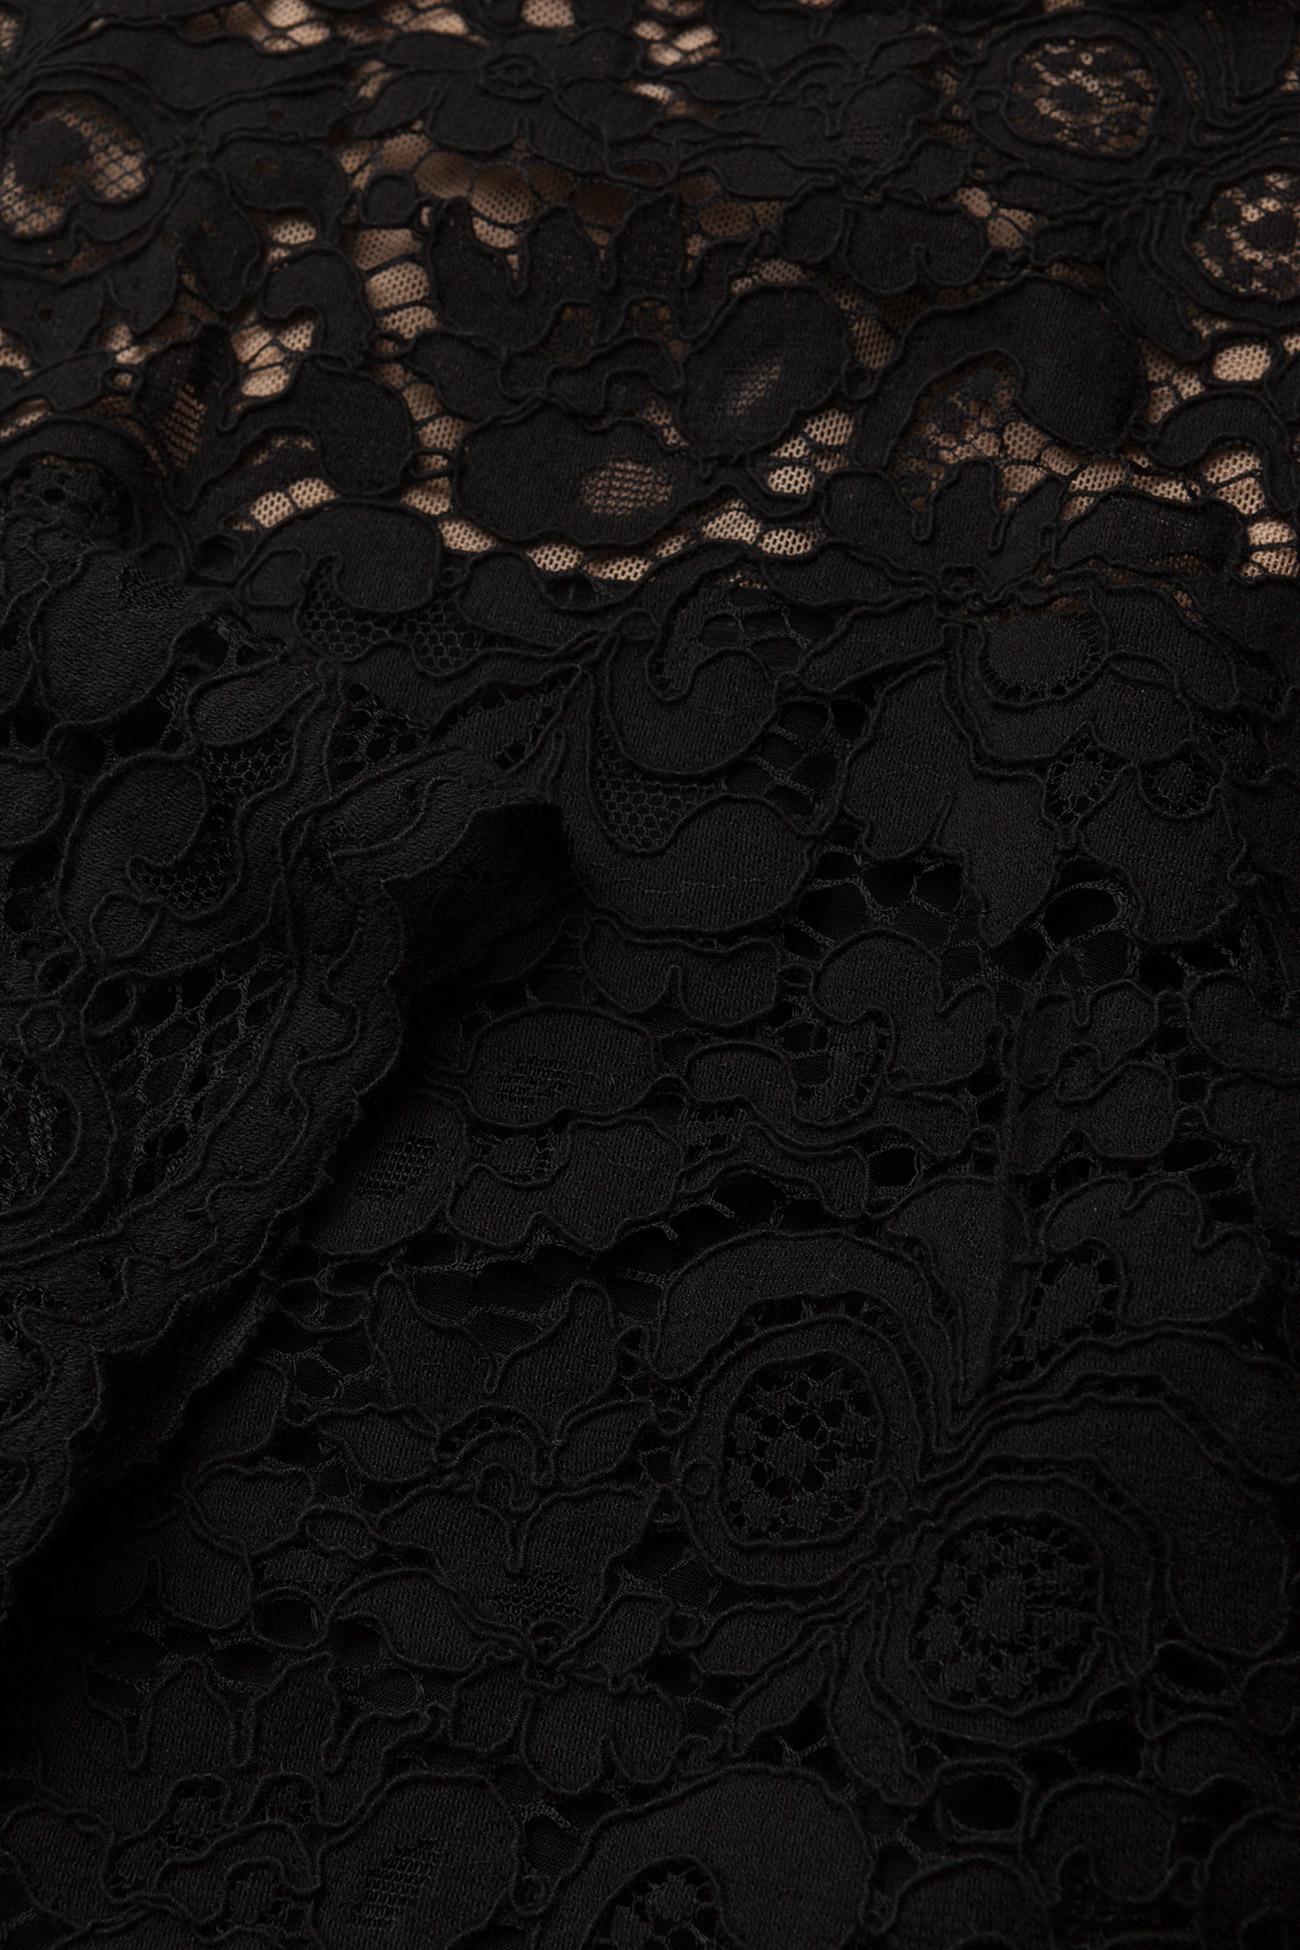 DressblackLauren Lace DressblackLauren Ralph Lace Lace DressblackLauren Lace DressblackLauren Ralph Ralph T1uJcKlF3